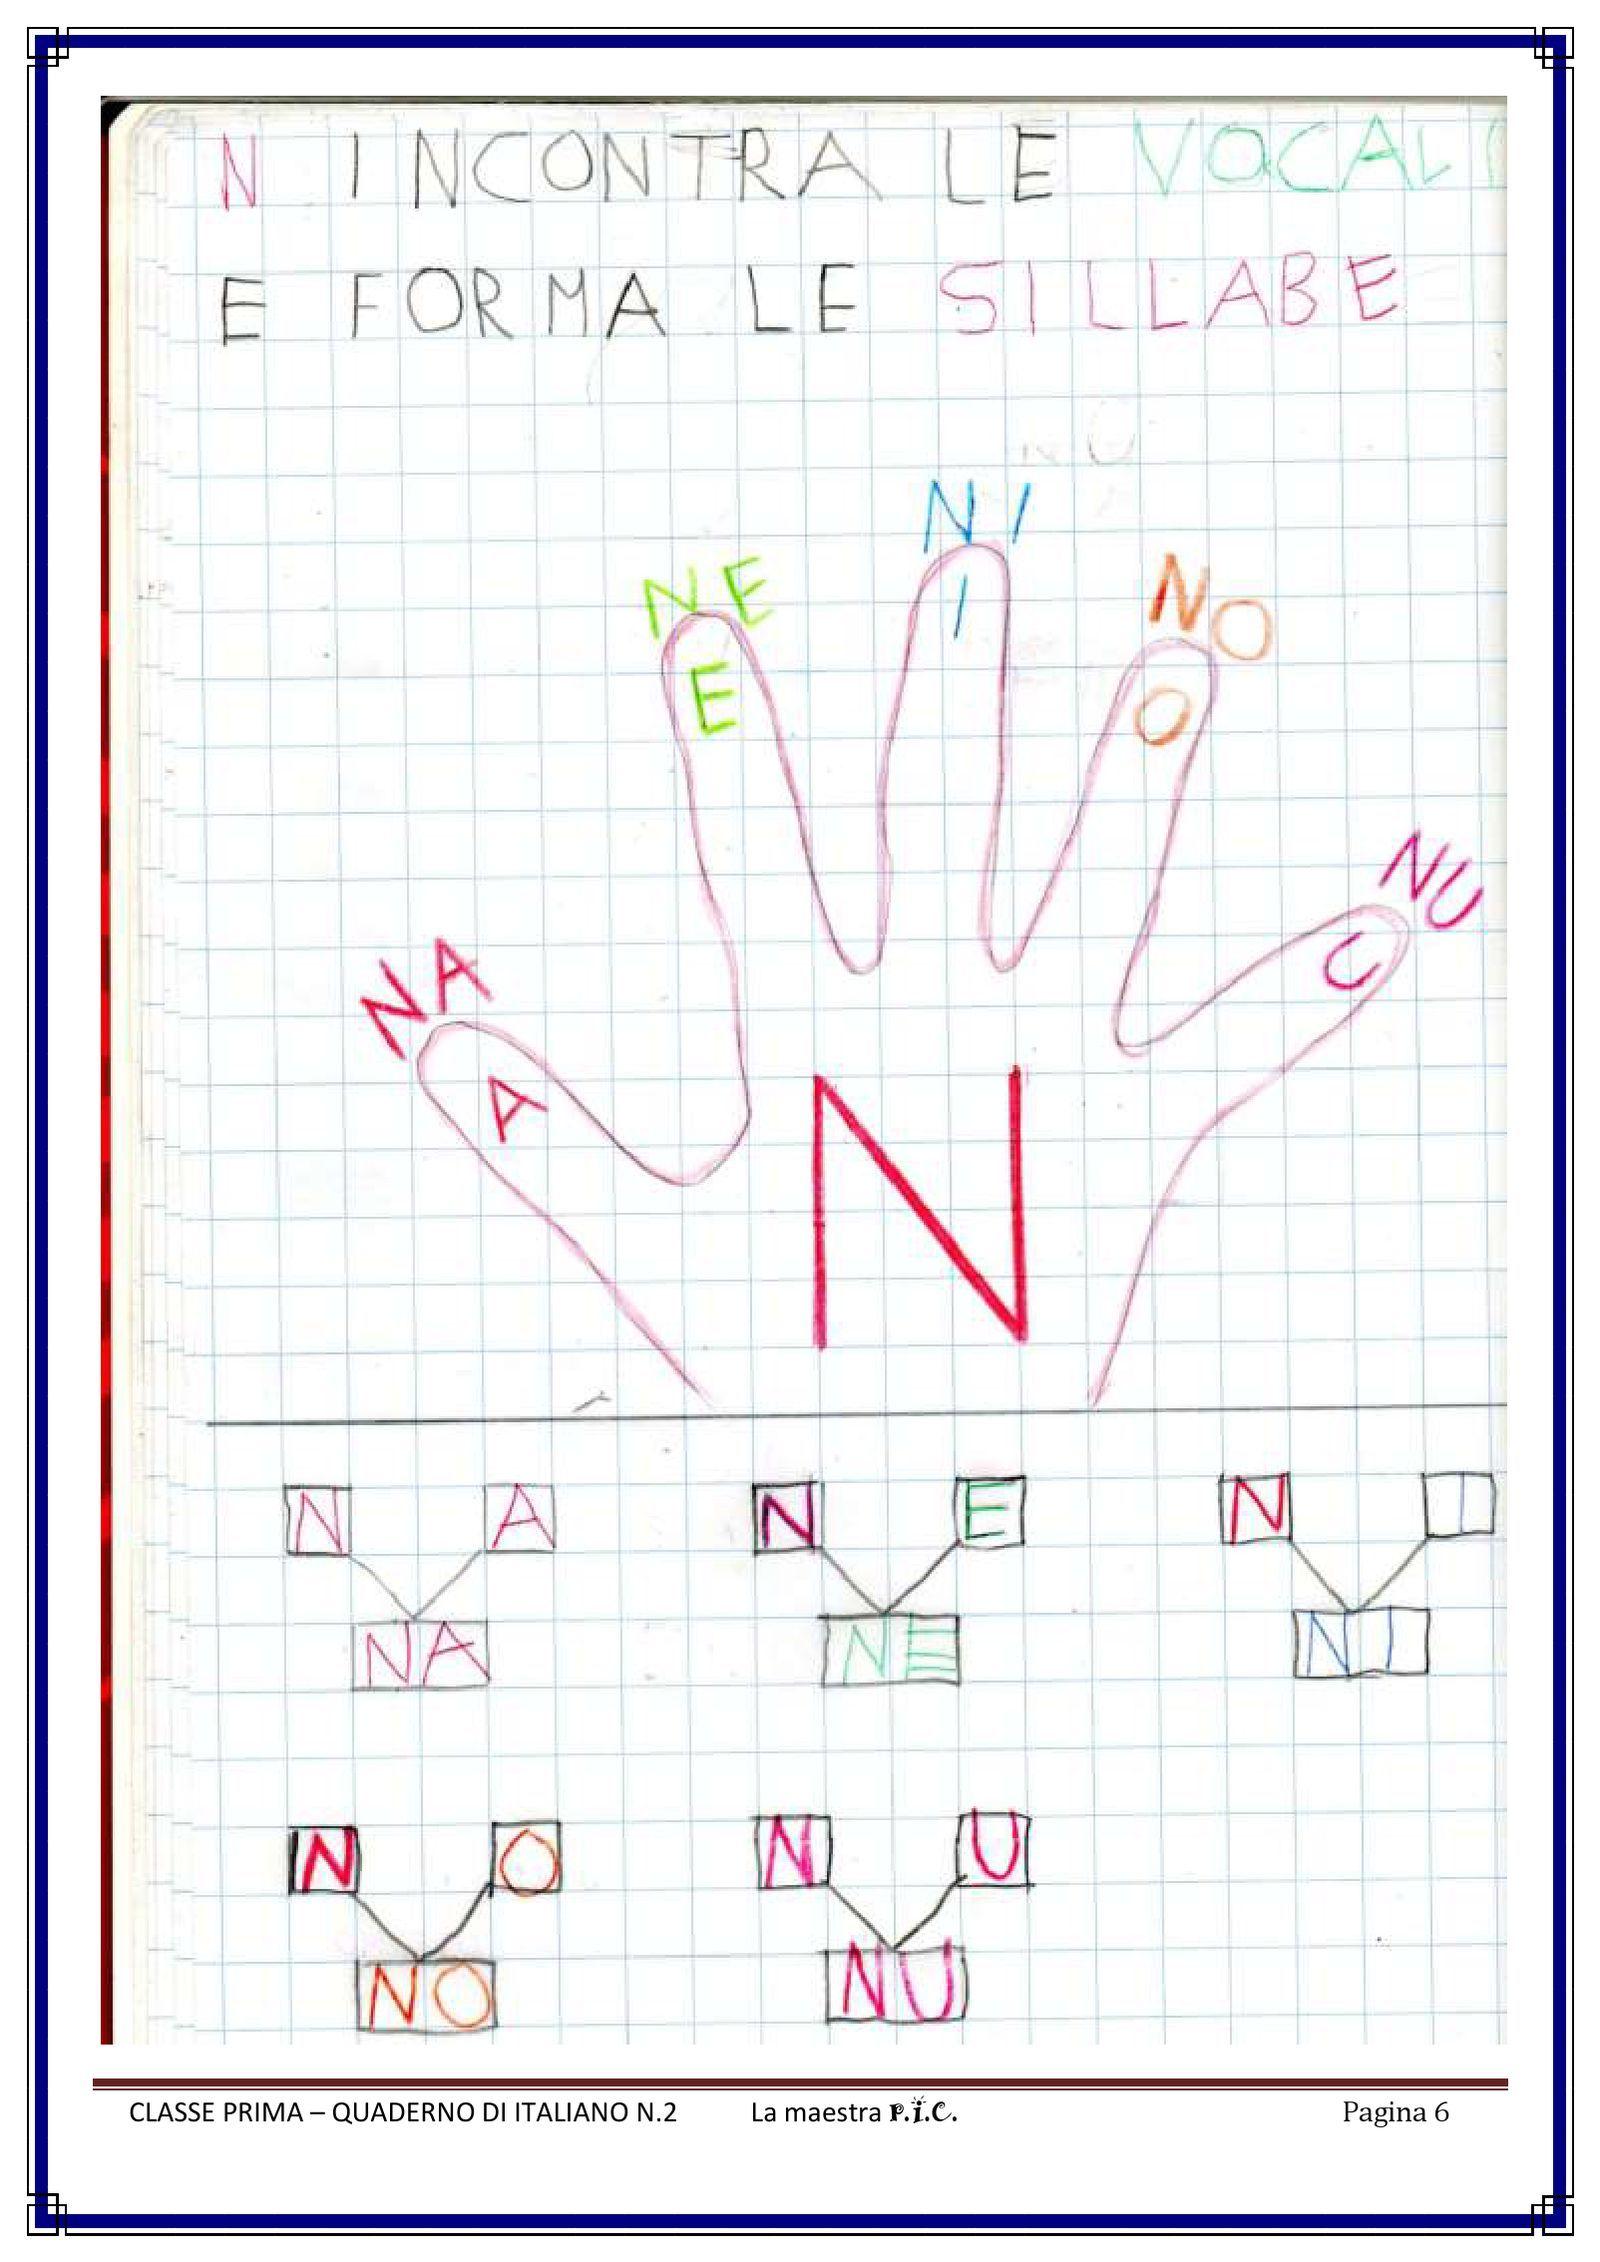 Il Mio Quaderno Di Italiano Pdf To Flipbook Classe Prima Kids